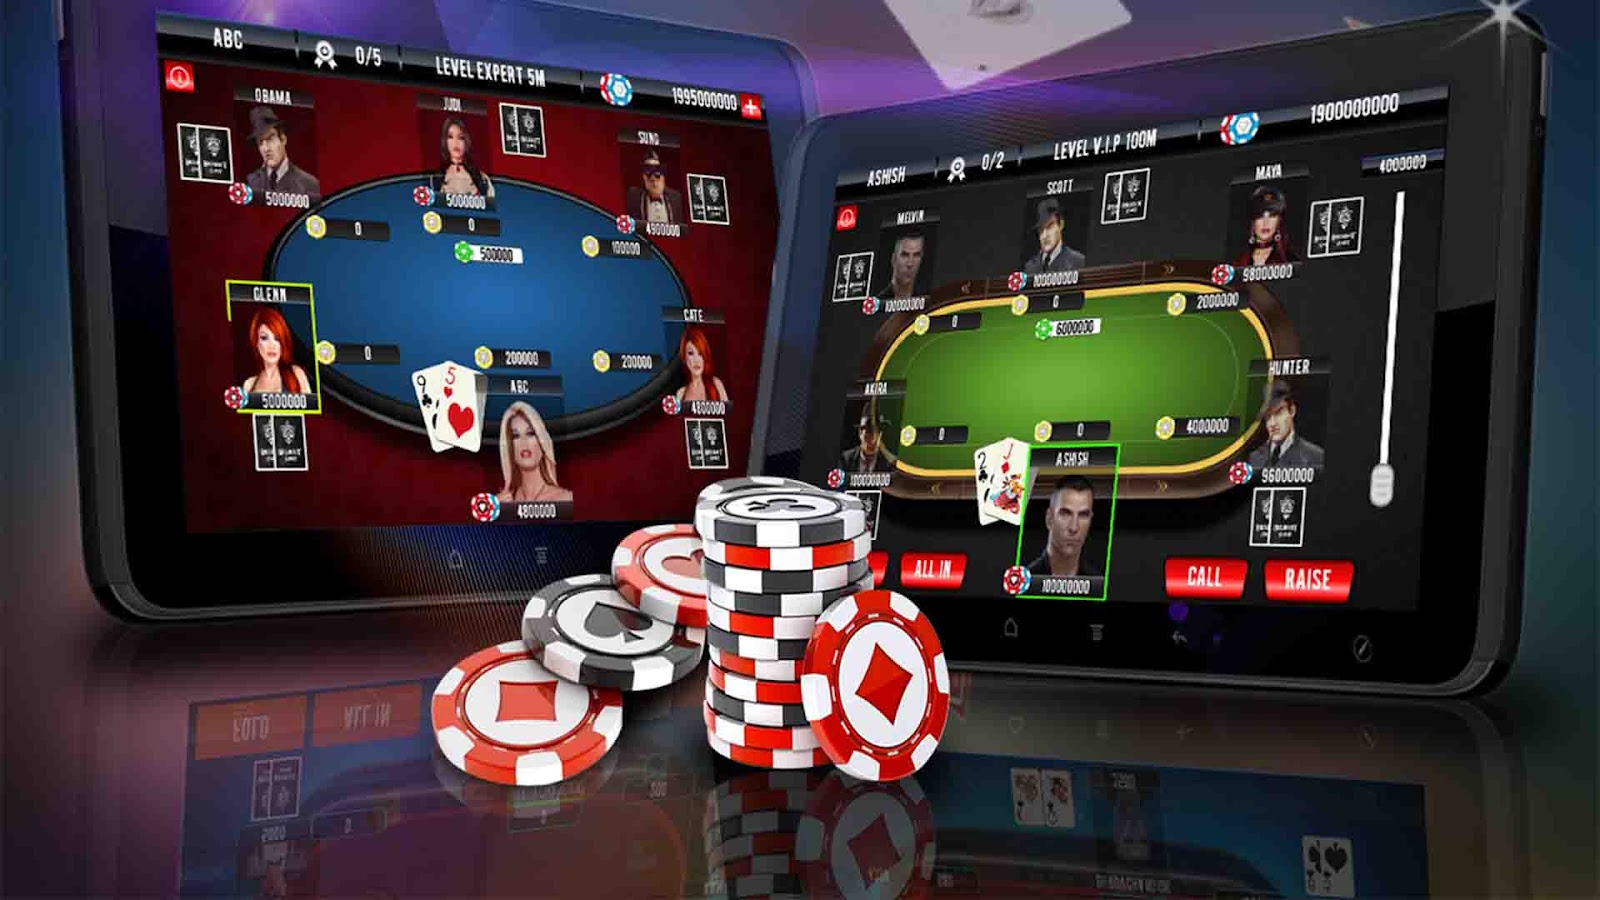 Онлайн кэш покер игровые автоматы играть бесплатно и без регистрации казино онлайн